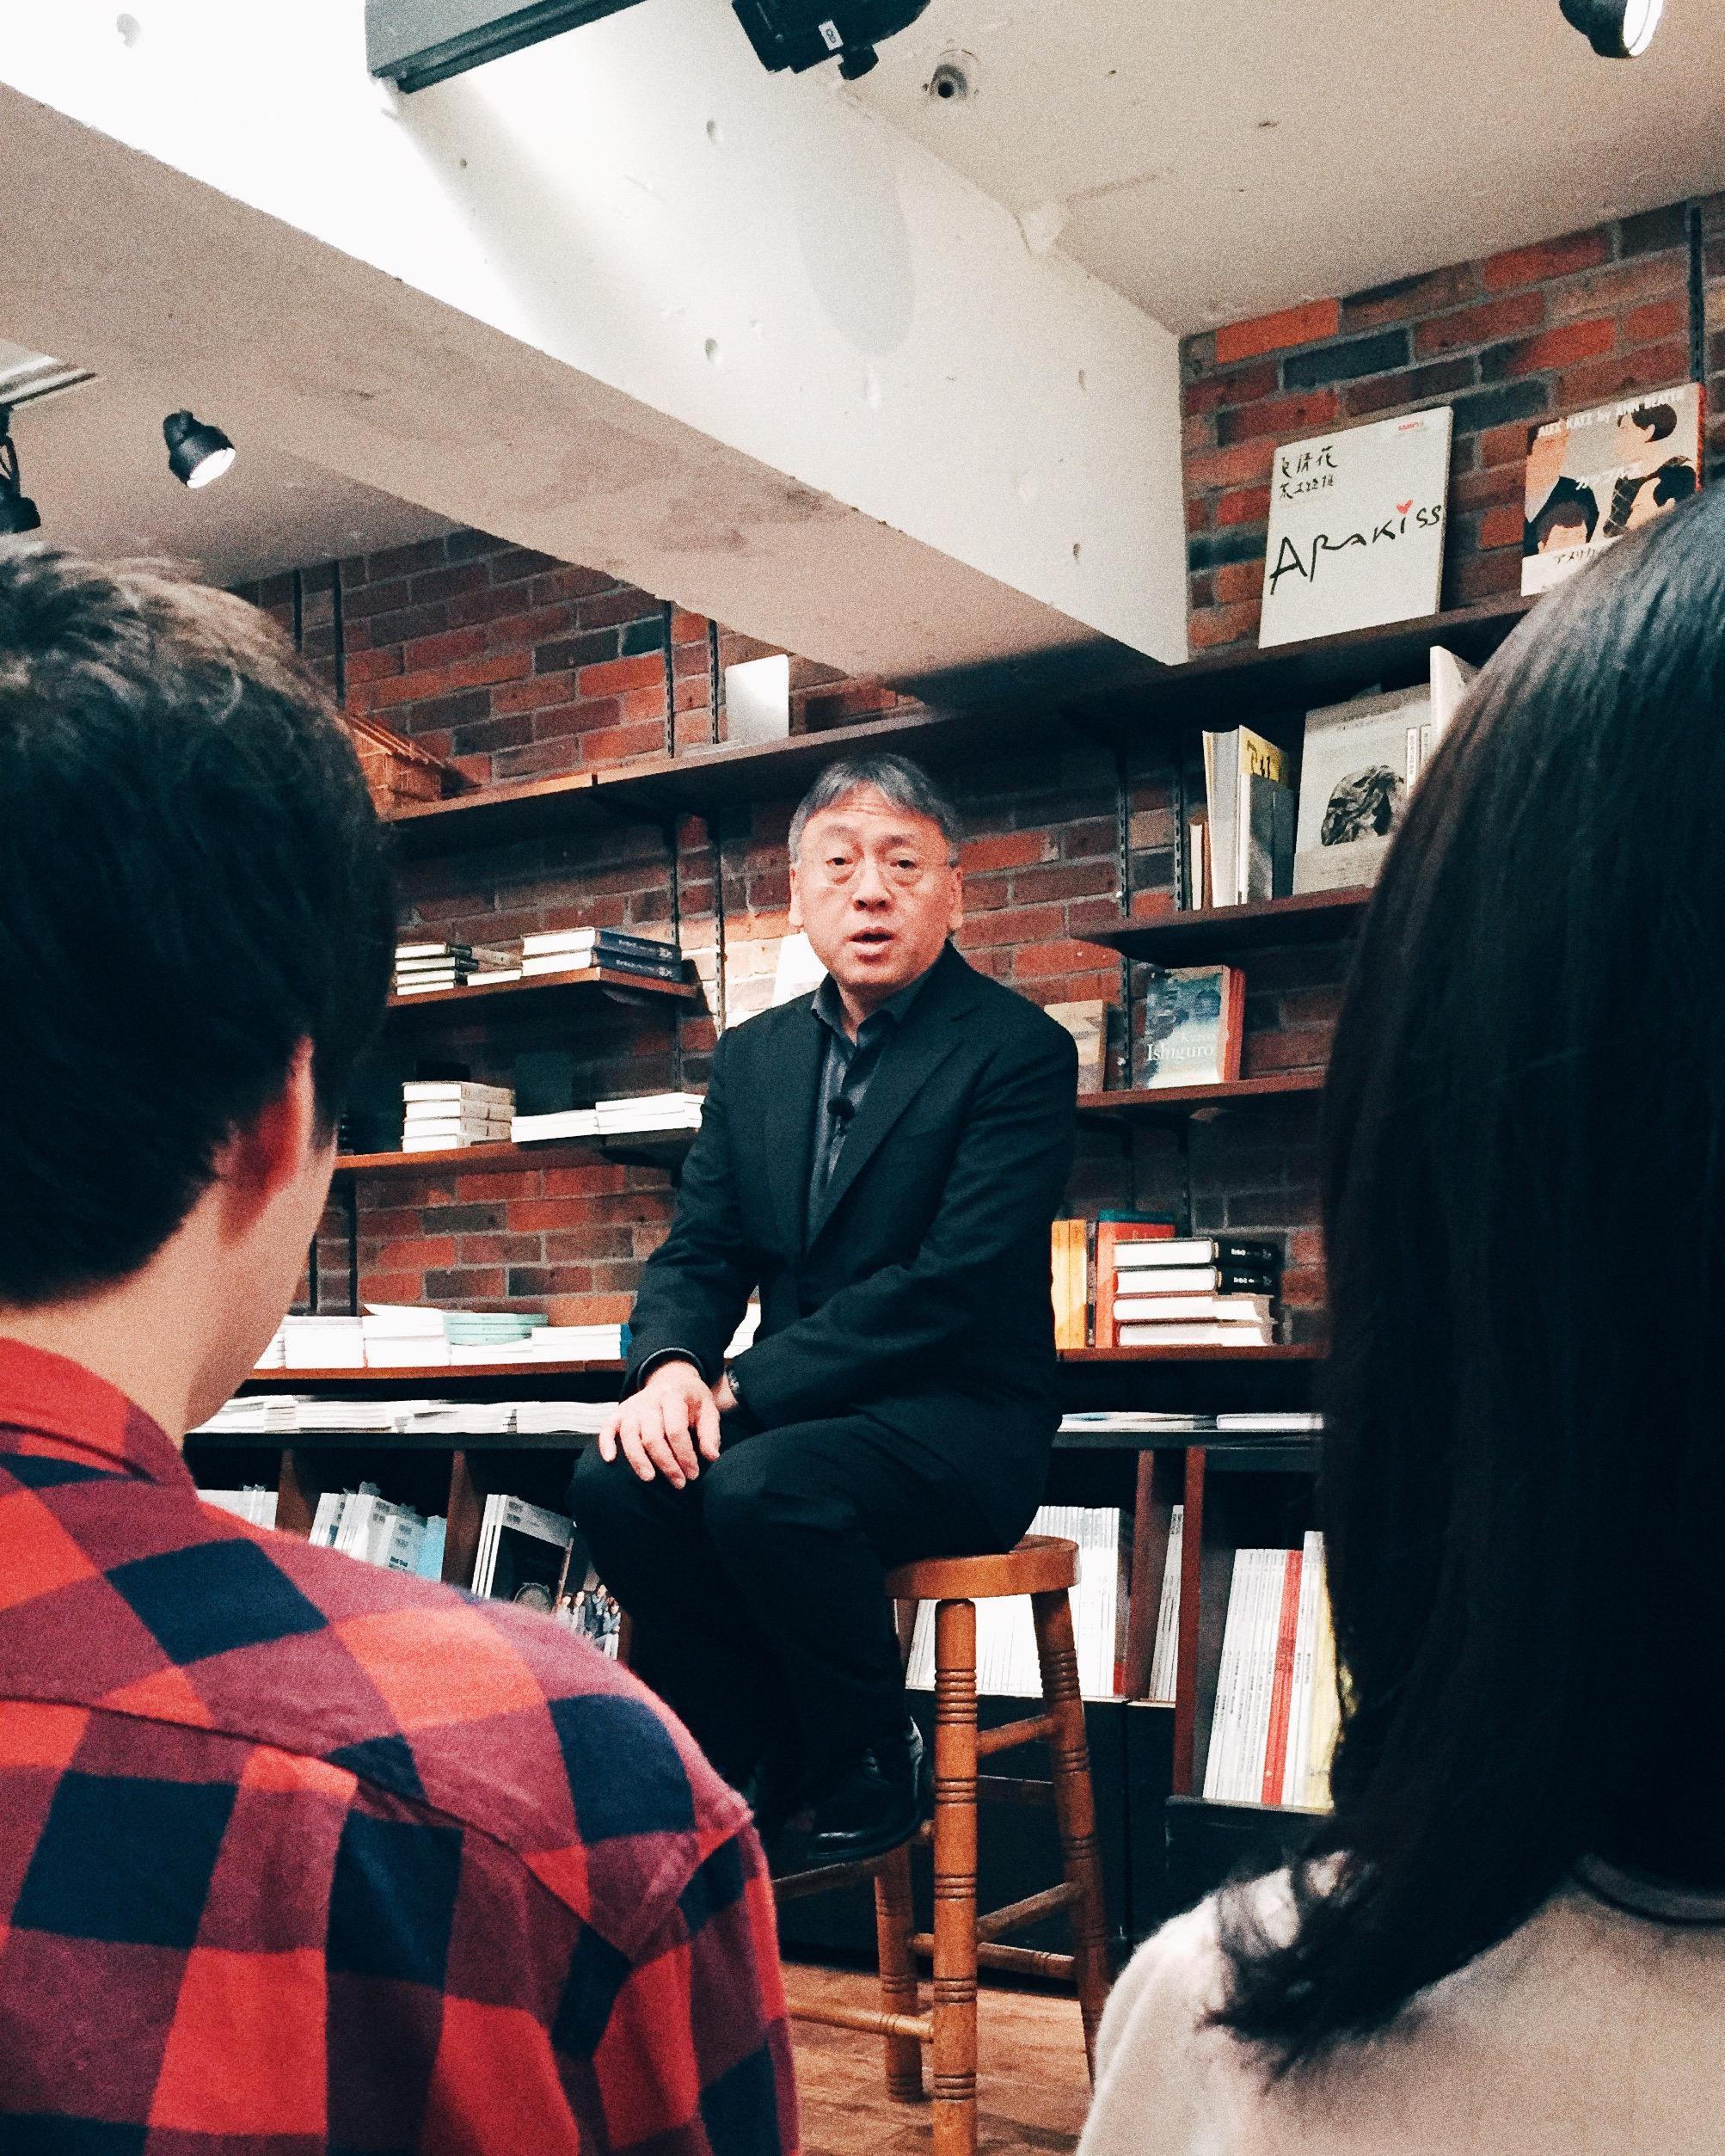 Kazuo Ishiguro. Roppongi, Summer 2015.